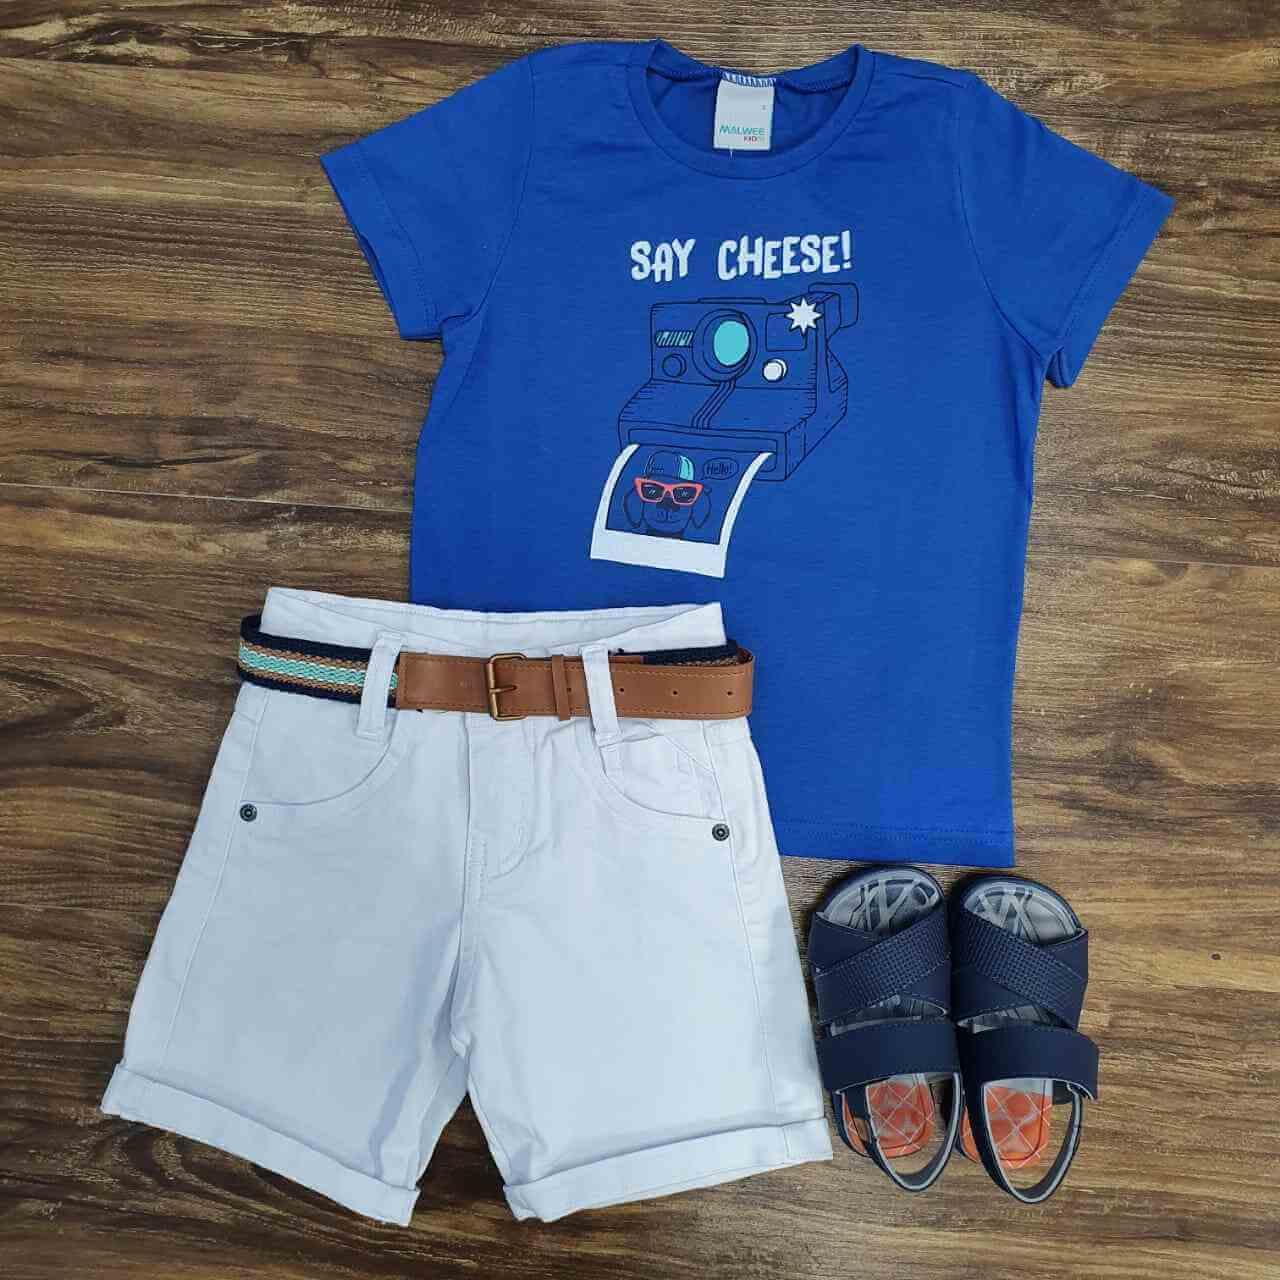 Bermuda com Camiseta Say Cheese Infantil